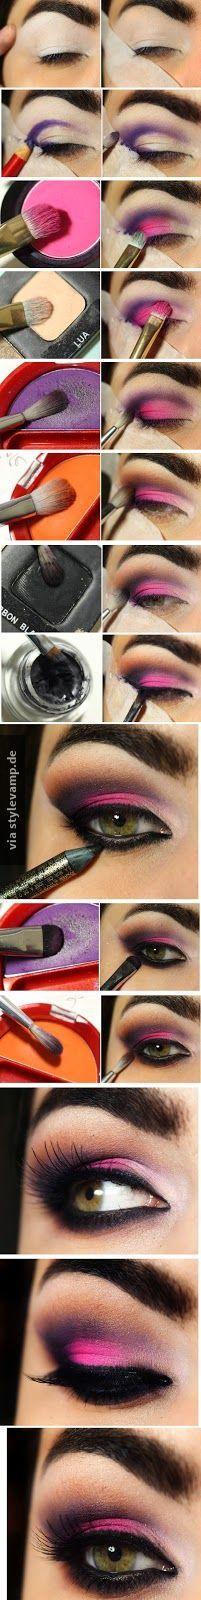 Farbenfrohes Augen Make-up <3                                                                                                                                                                                 Mehr